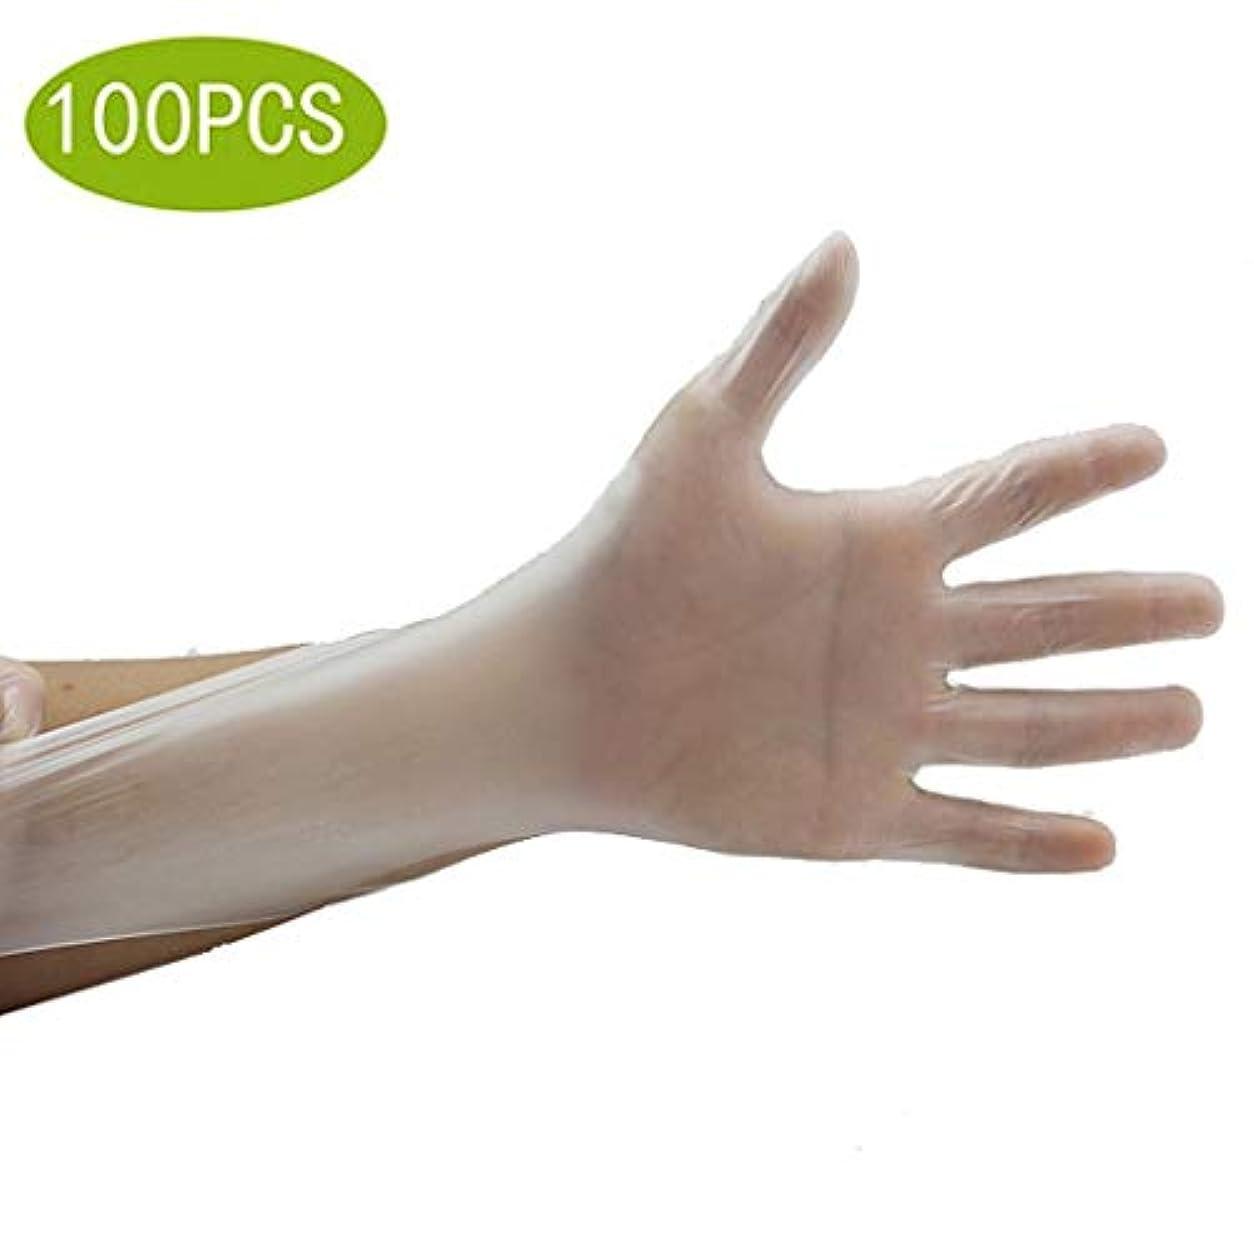 志すエンドウ返済使い捨てビニール手袋、無菌、パウダーフリー、スムースタッチ、フードサービスグレード、ミディアムサイズ[100パック] (Color : White)